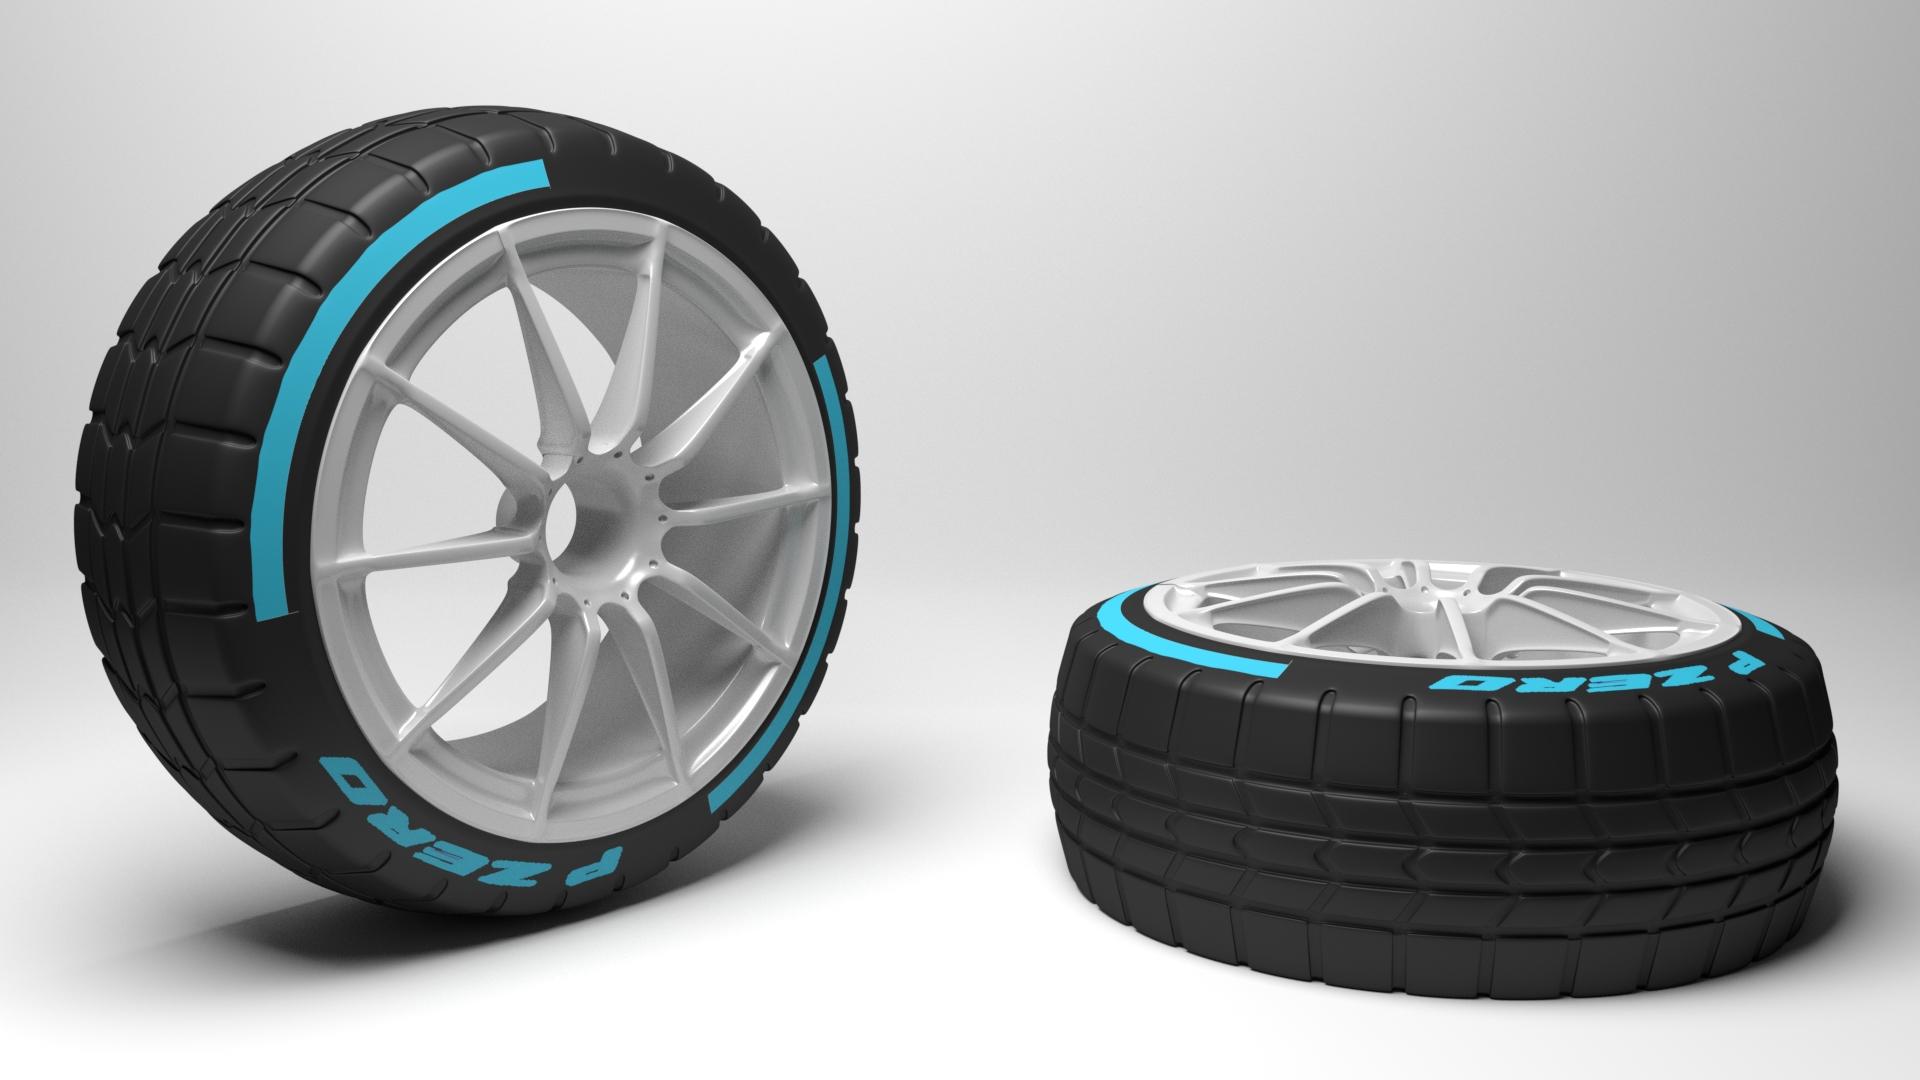 f_tires_04.jpg.9acb293bd1f80e37b6165c3443436d91.jpg